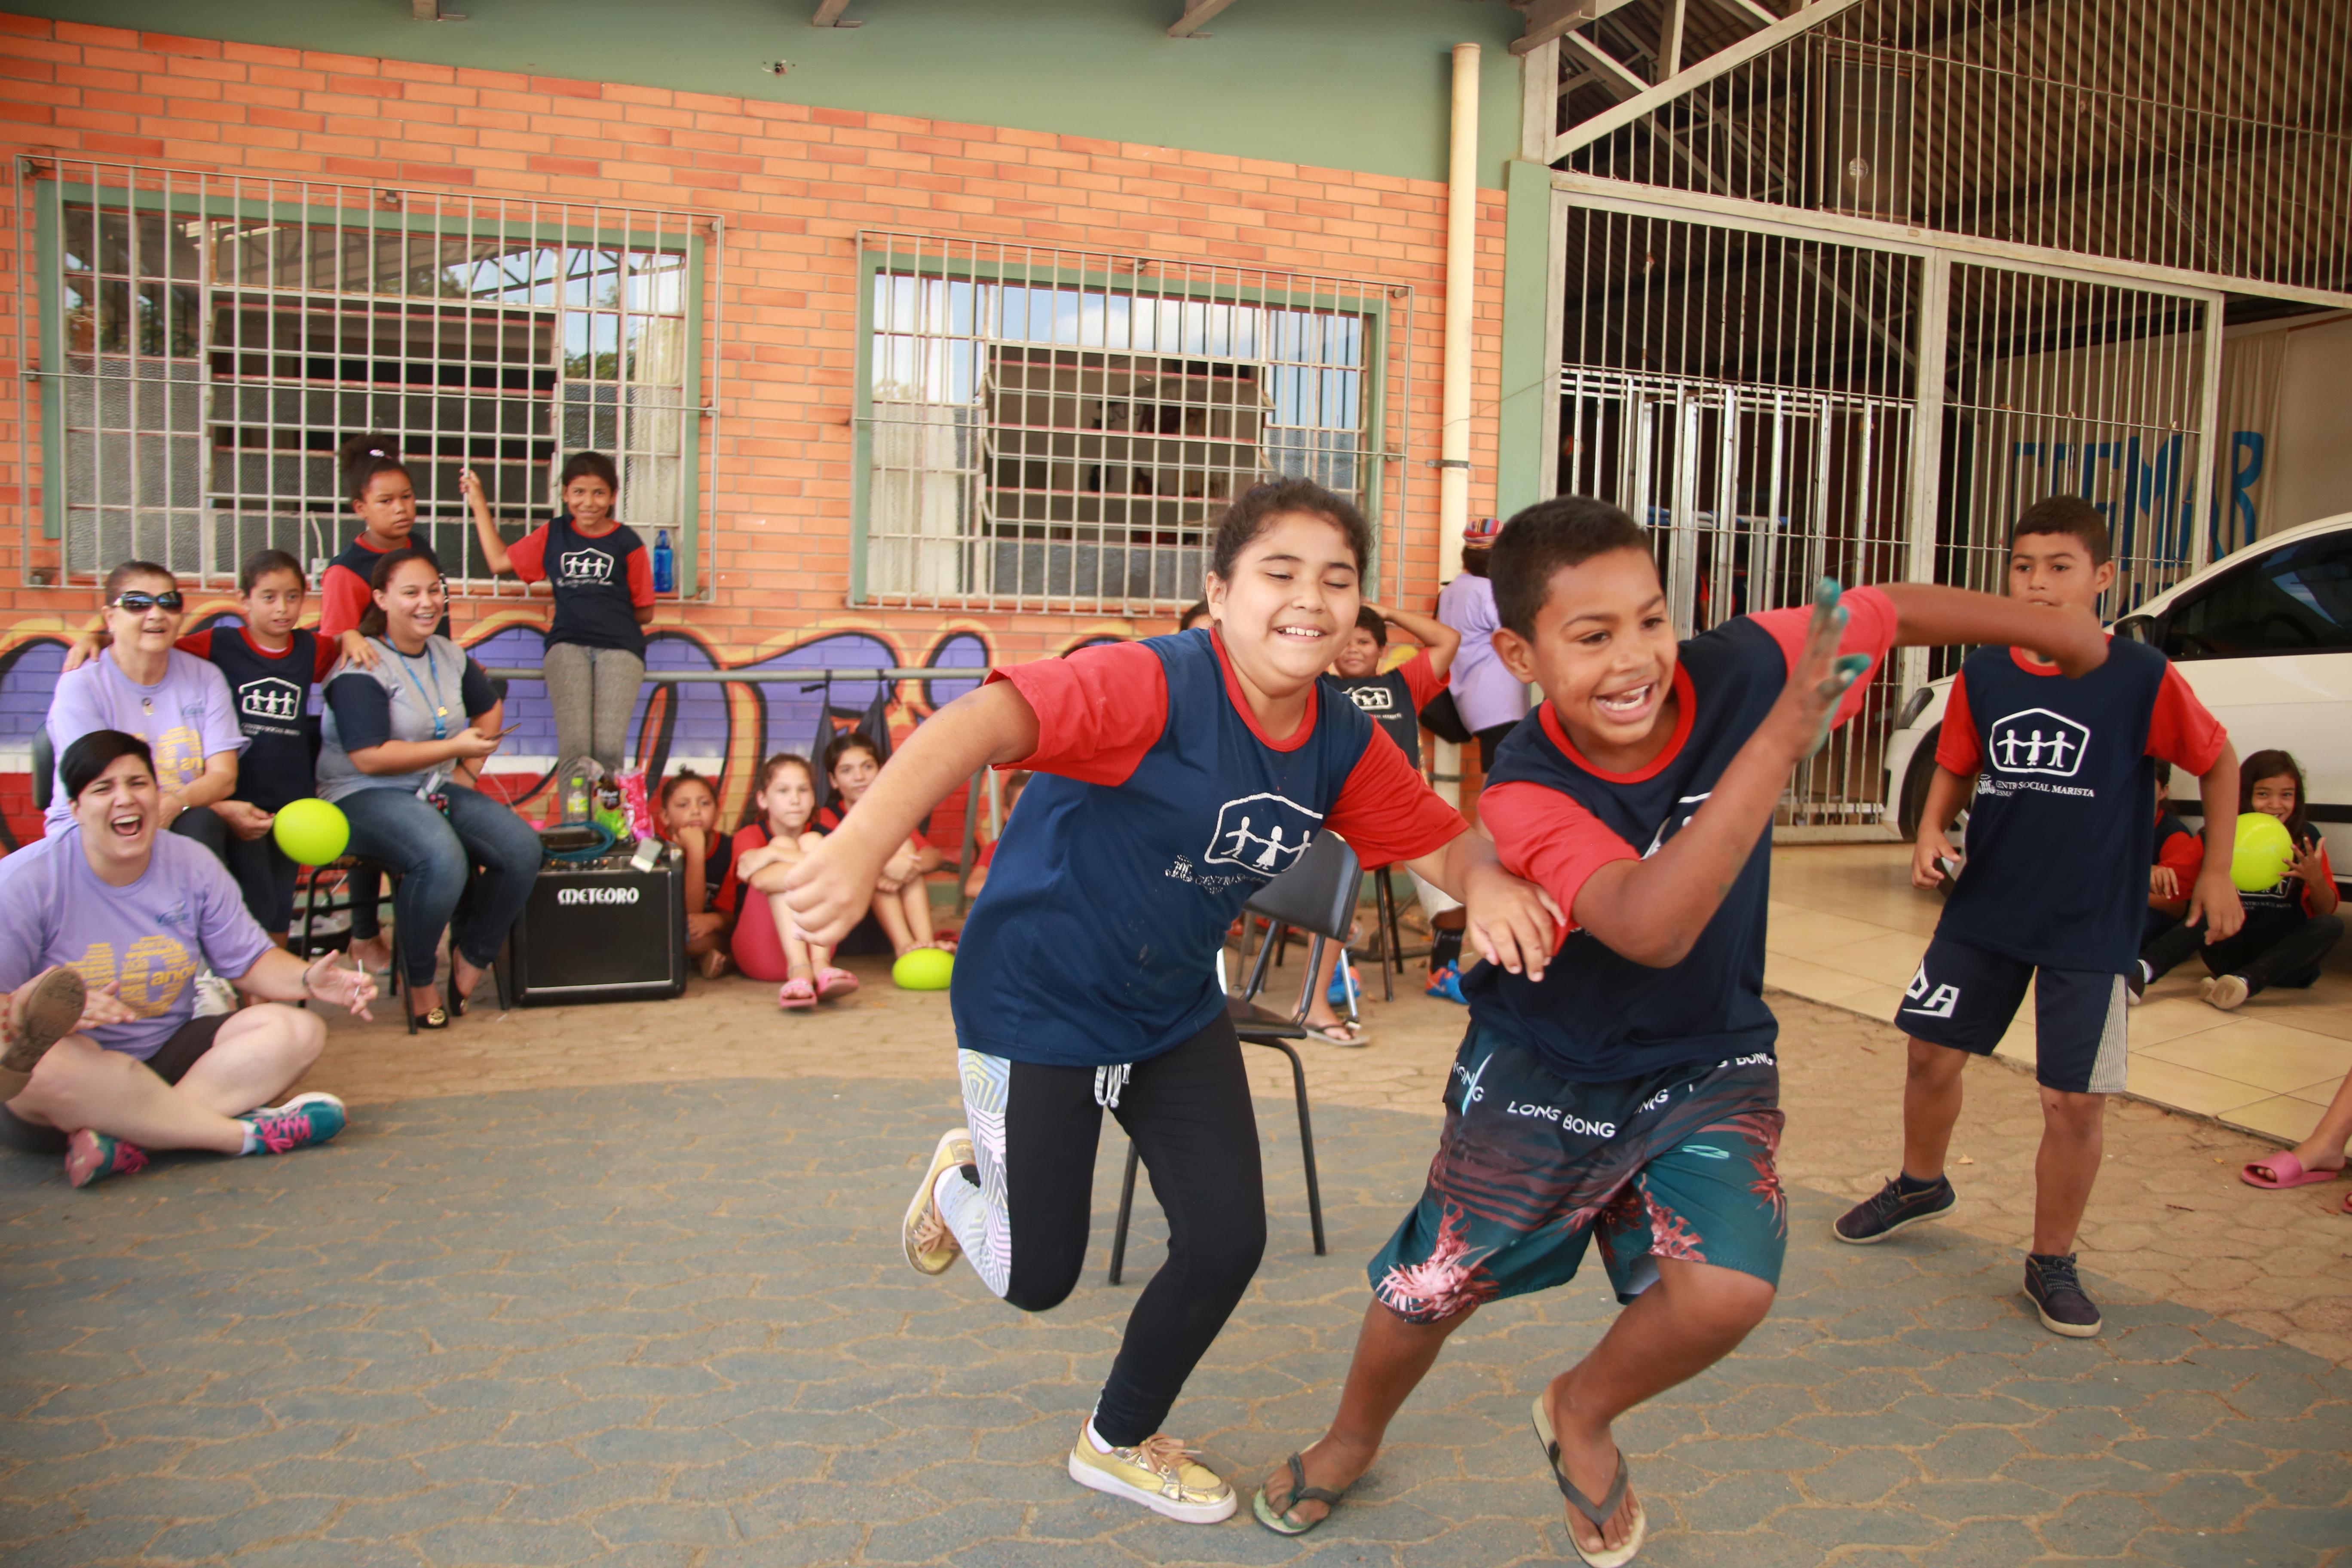 Atividades esportivas como forma de integração social